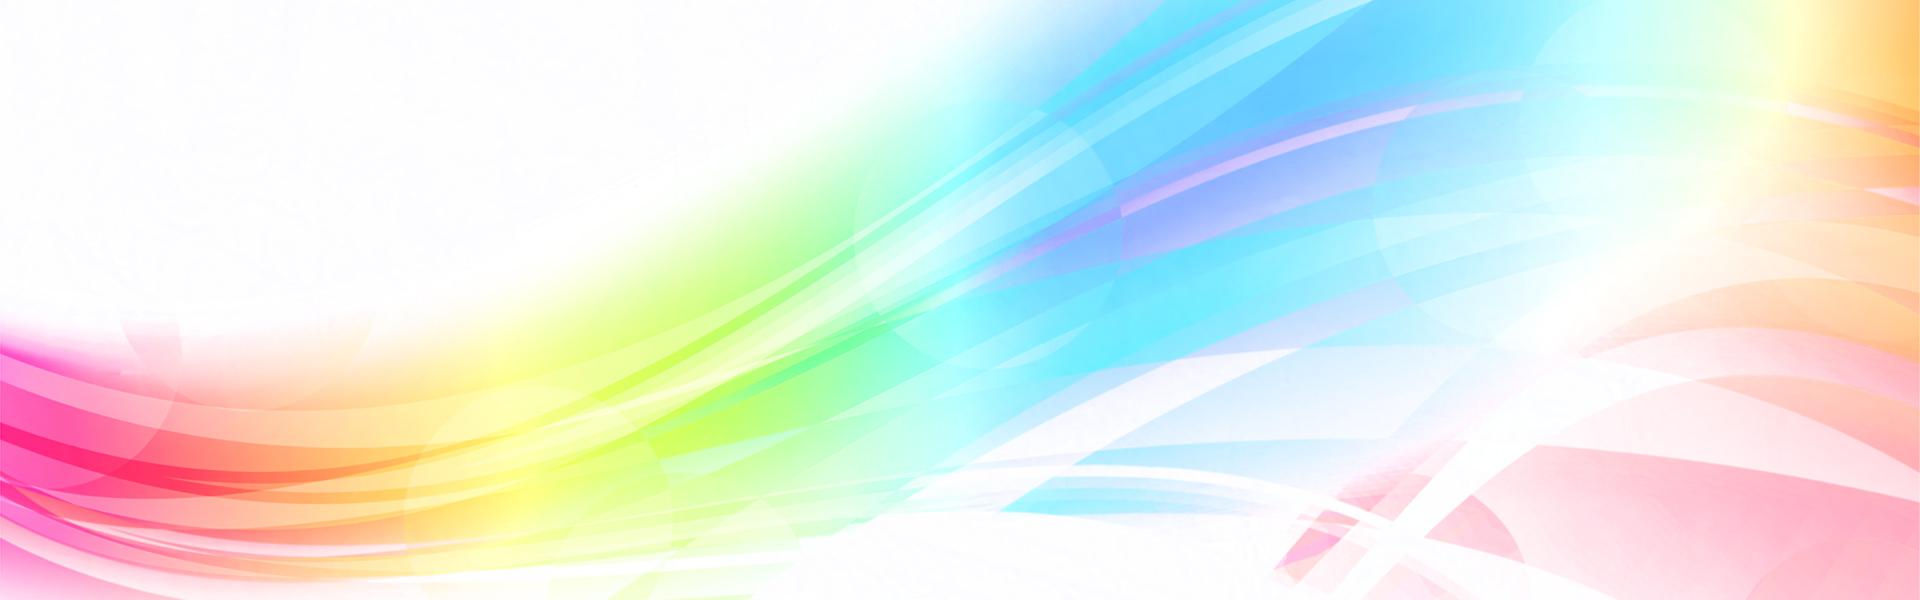 福岡のカラーセラピー・カラーリアム・オーラソーマ・カラーセラピスト養成講座|資格認定 フォー・カラー+癒し庵